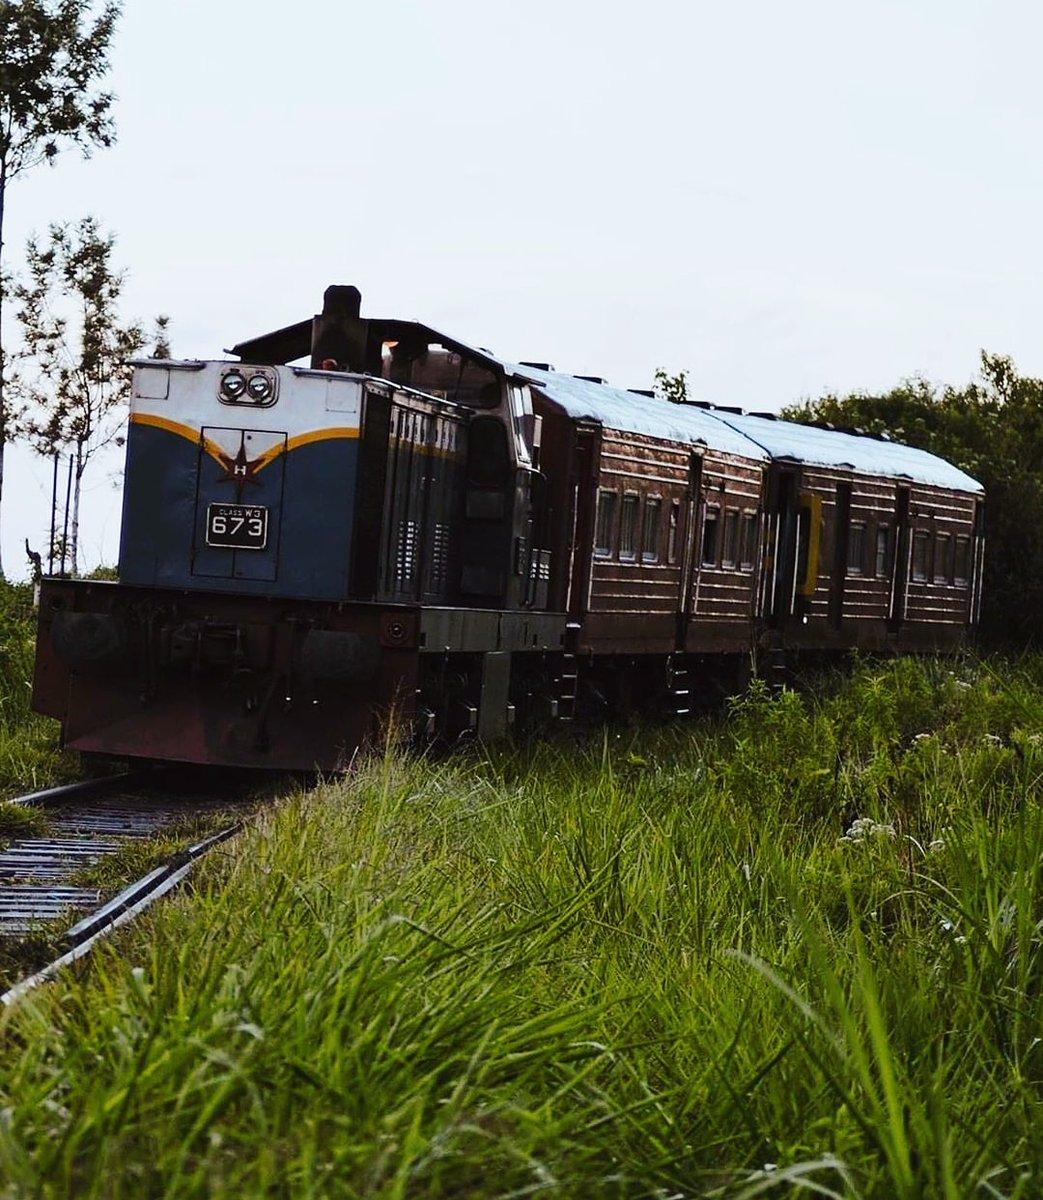 """උඩරට මැණිකේ """"Udarata Manike""""    Follow Us: @LkTravelogue IG/FB/Twitter  Dm for Credits or Removal  #travel #travel_vlog #travelogue #srilanka#girlswhotravel #explore #style #travelgram #travelingram #travelingram #ceylon #coupletravel #photography #visitsrilankapic.twitter.com/sW7x67ckaW"""